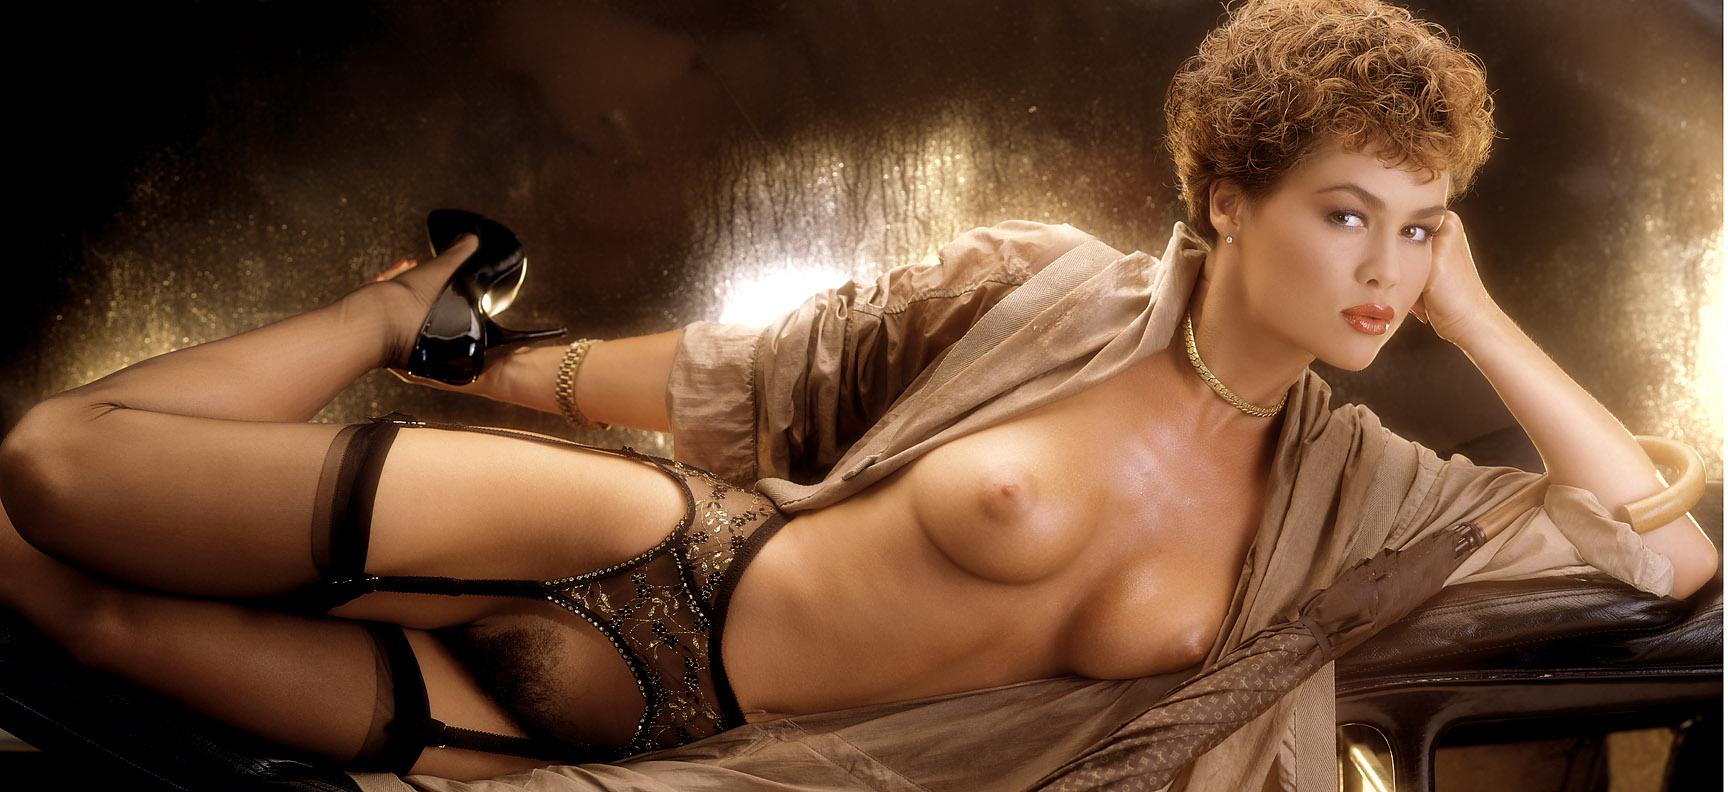 mir-foto-erotiki